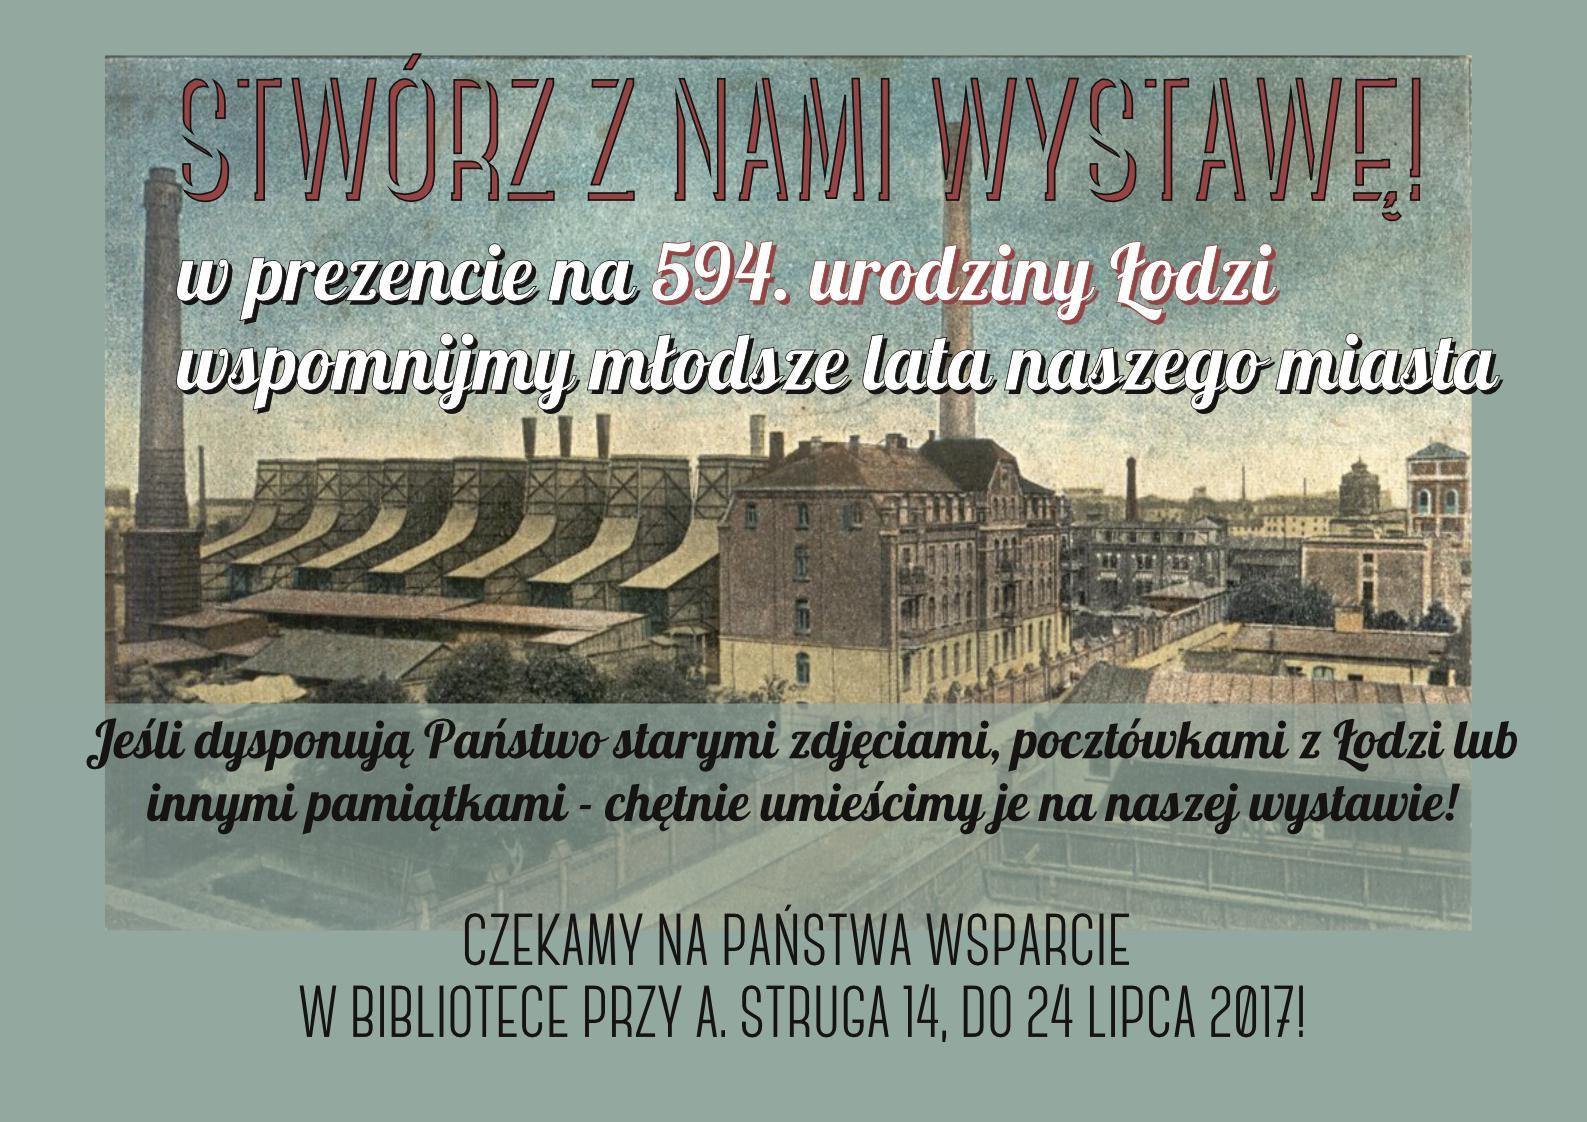 Stwórzmy wspólnie wystawę na urodziny Łodzi